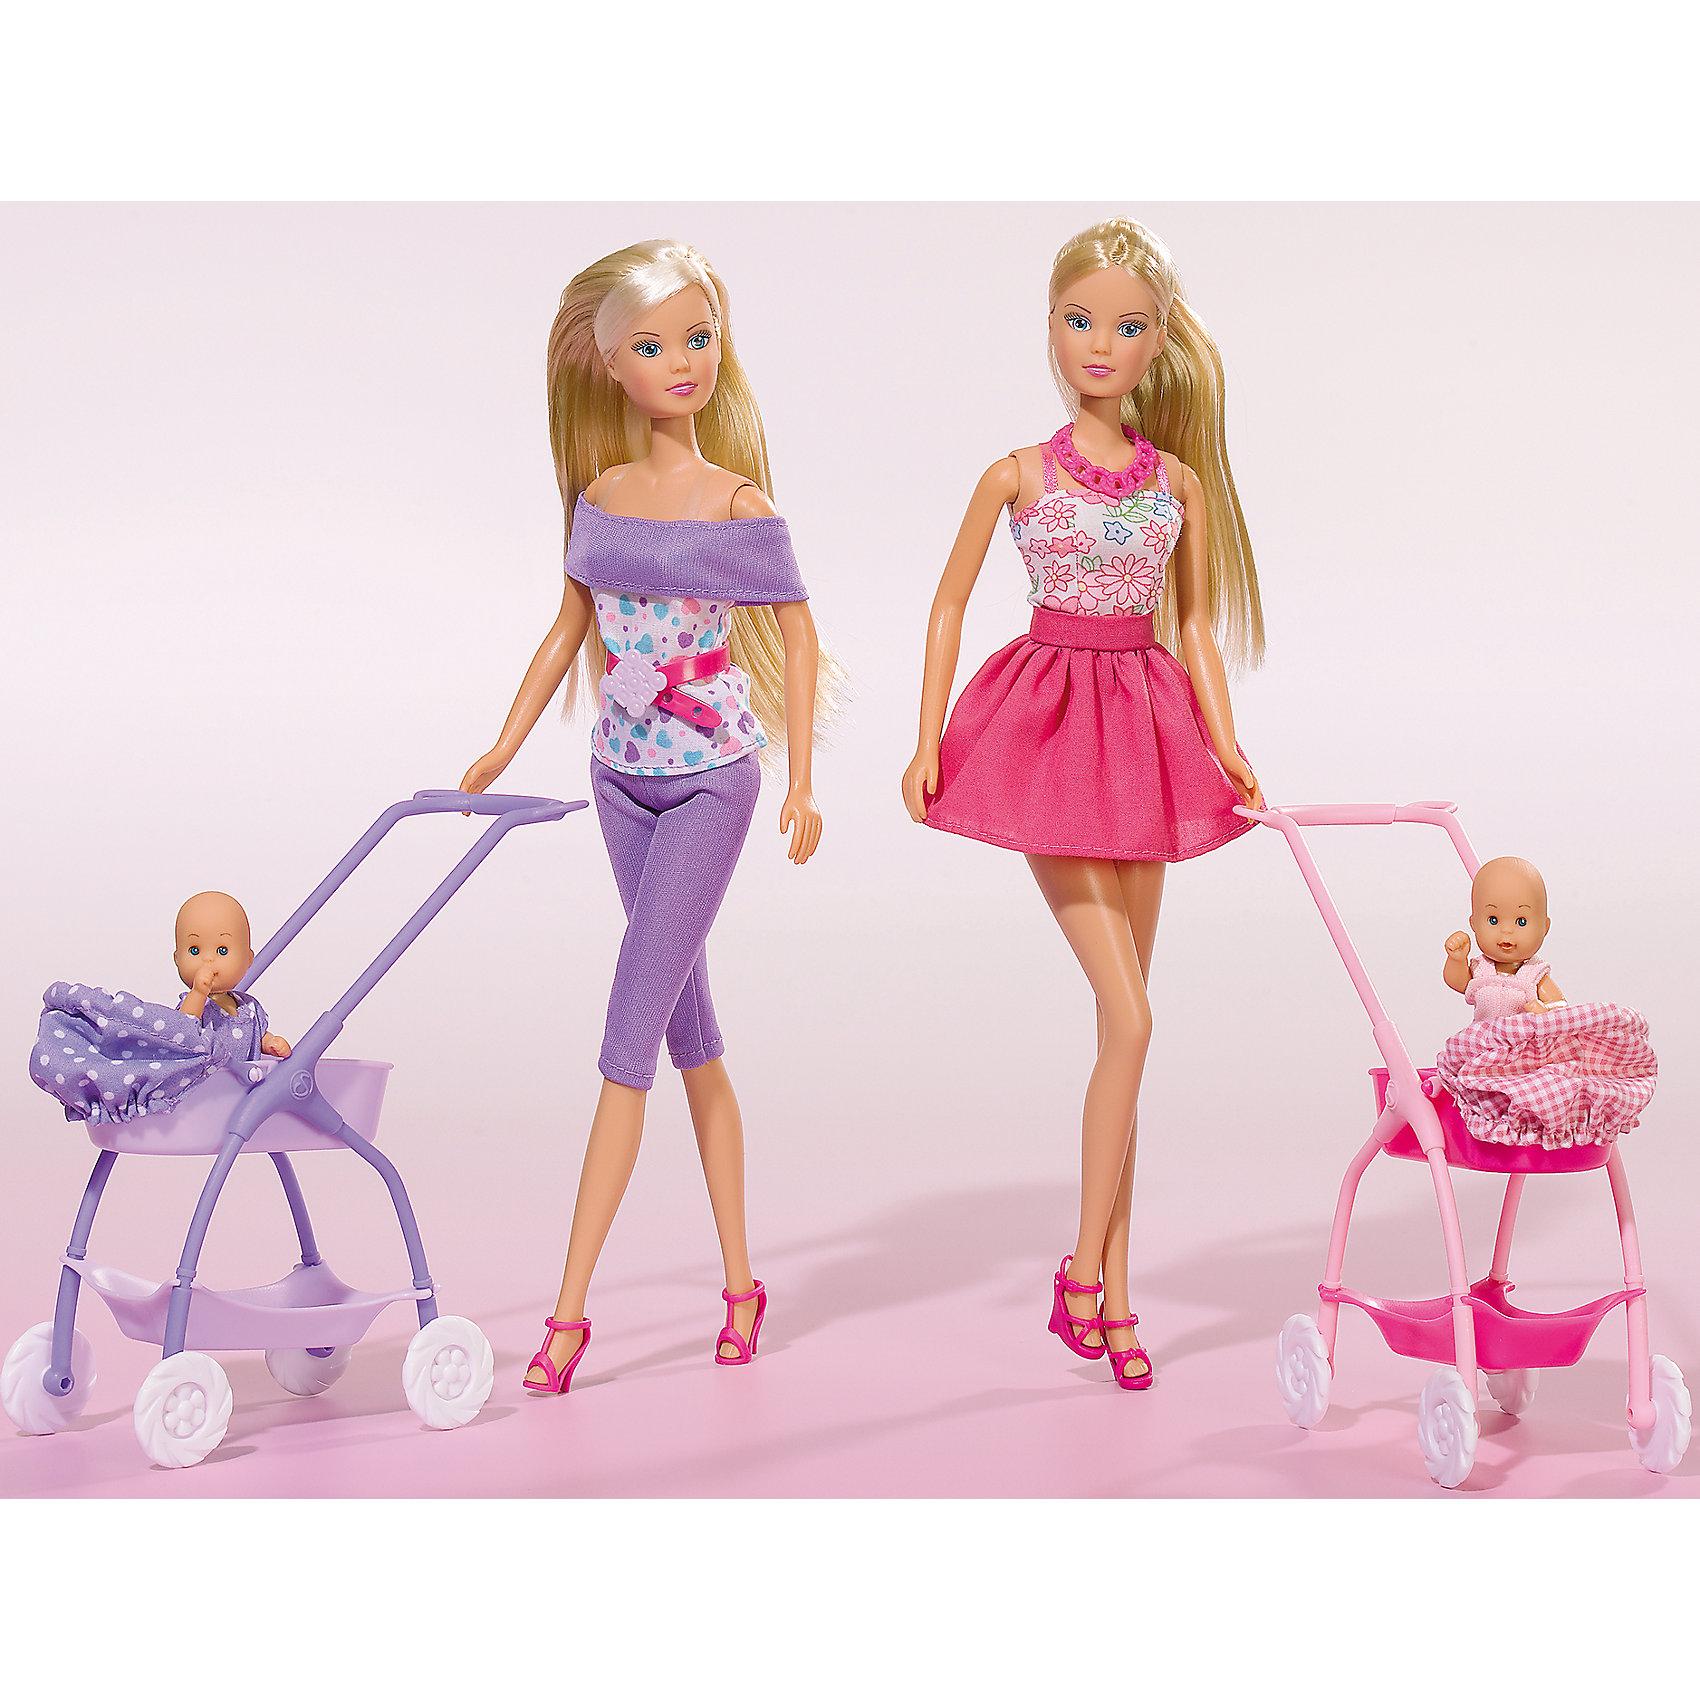 Кукла Штеффи с ребёнком, 29 см, SimbaSteffi и Evi Love<br>Характеристики товара:<br><br>- цвет: разноцветный;<br>- материал: пластик;<br>- возраст: от трех лет;<br>- комплектация: кукла, аксессуары, пупс;<br>- высота куклы: 29 см.<br><br>Эта симпатичная кукла Штеффи от известного бренда не оставит девочку равнодушной! Какая девочка сможет отказаться поиграть с куклами, которые дополнены набором в виде ребенка и предметов для него?! В набор входят аксессуары для игр с куклой. Игрушка очень качественно выполнена, поэтому она станет замечательным подарком ребенку. <br>Продается набор в красивой удобной упаковке. Изделие произведено из высококачественного материала, безопасного для детей.<br><br>Куклу Штеффи с ребёнком от бренда Simba можно купить в нашем интернет-магазине.<br><br>Ширина мм: 70<br>Глубина мм: 325<br>Высота мм: 200<br>Вес г: 354<br>Возраст от месяцев: 36<br>Возраст до месяцев: 120<br>Пол: Женский<br>Возраст: Детский<br>SKU: 5119520